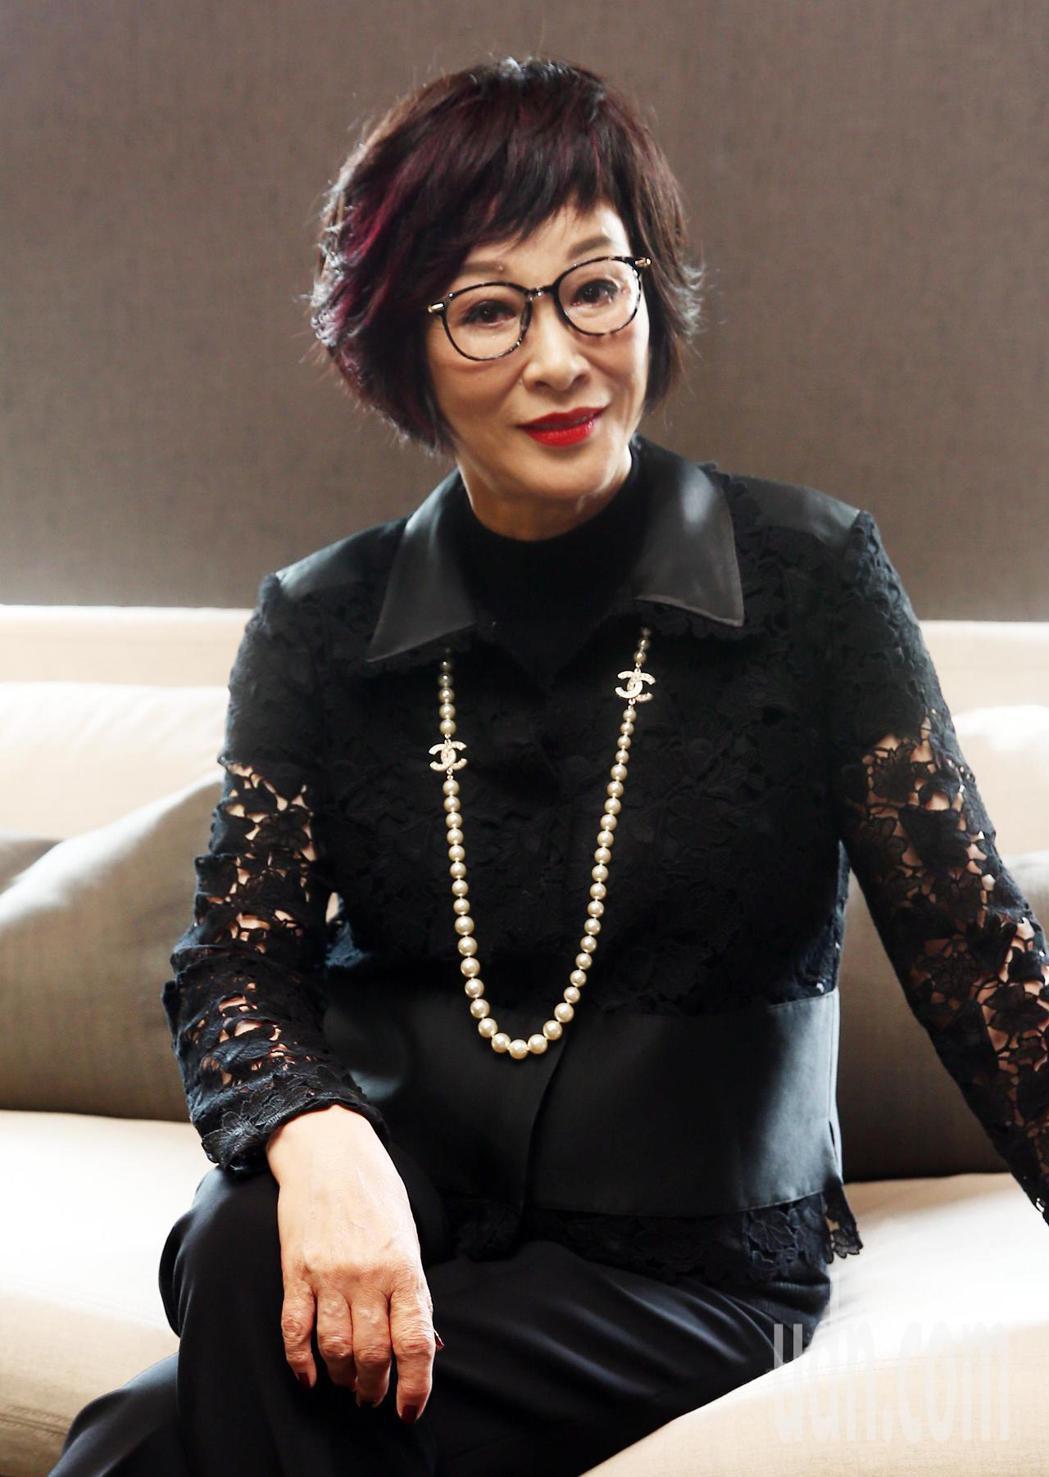 第54屆金馬獎將於11/25舉行,本屆終身成就獎得主「俠女」徐楓,下午與媒體見面...